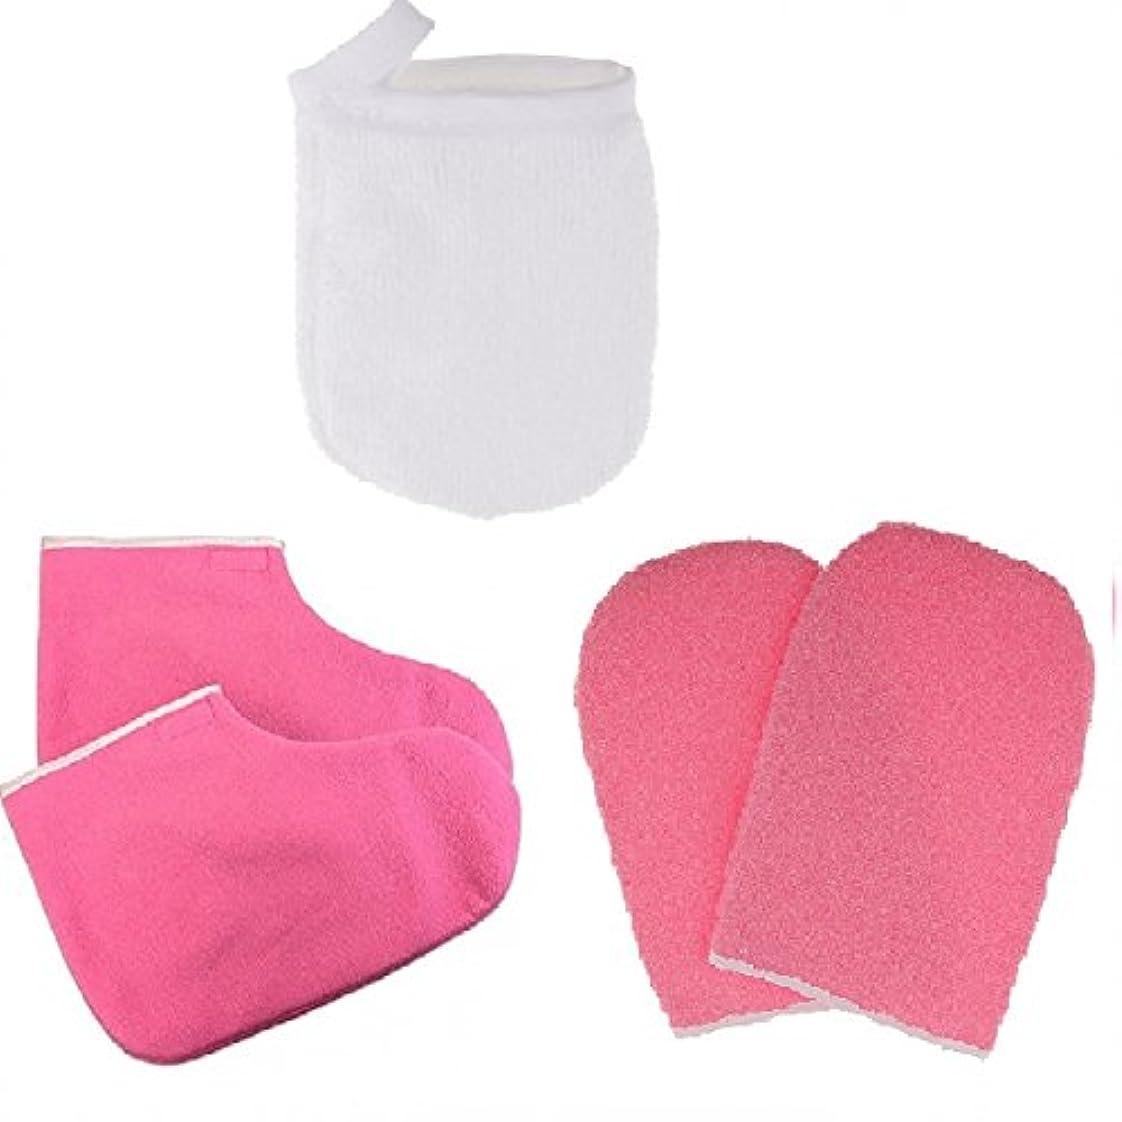 丁寧化学集まるB Blesiya グローブ パラフィンワックス保護手袋 メイクリムーバー パッド パラフィンワックス手袋